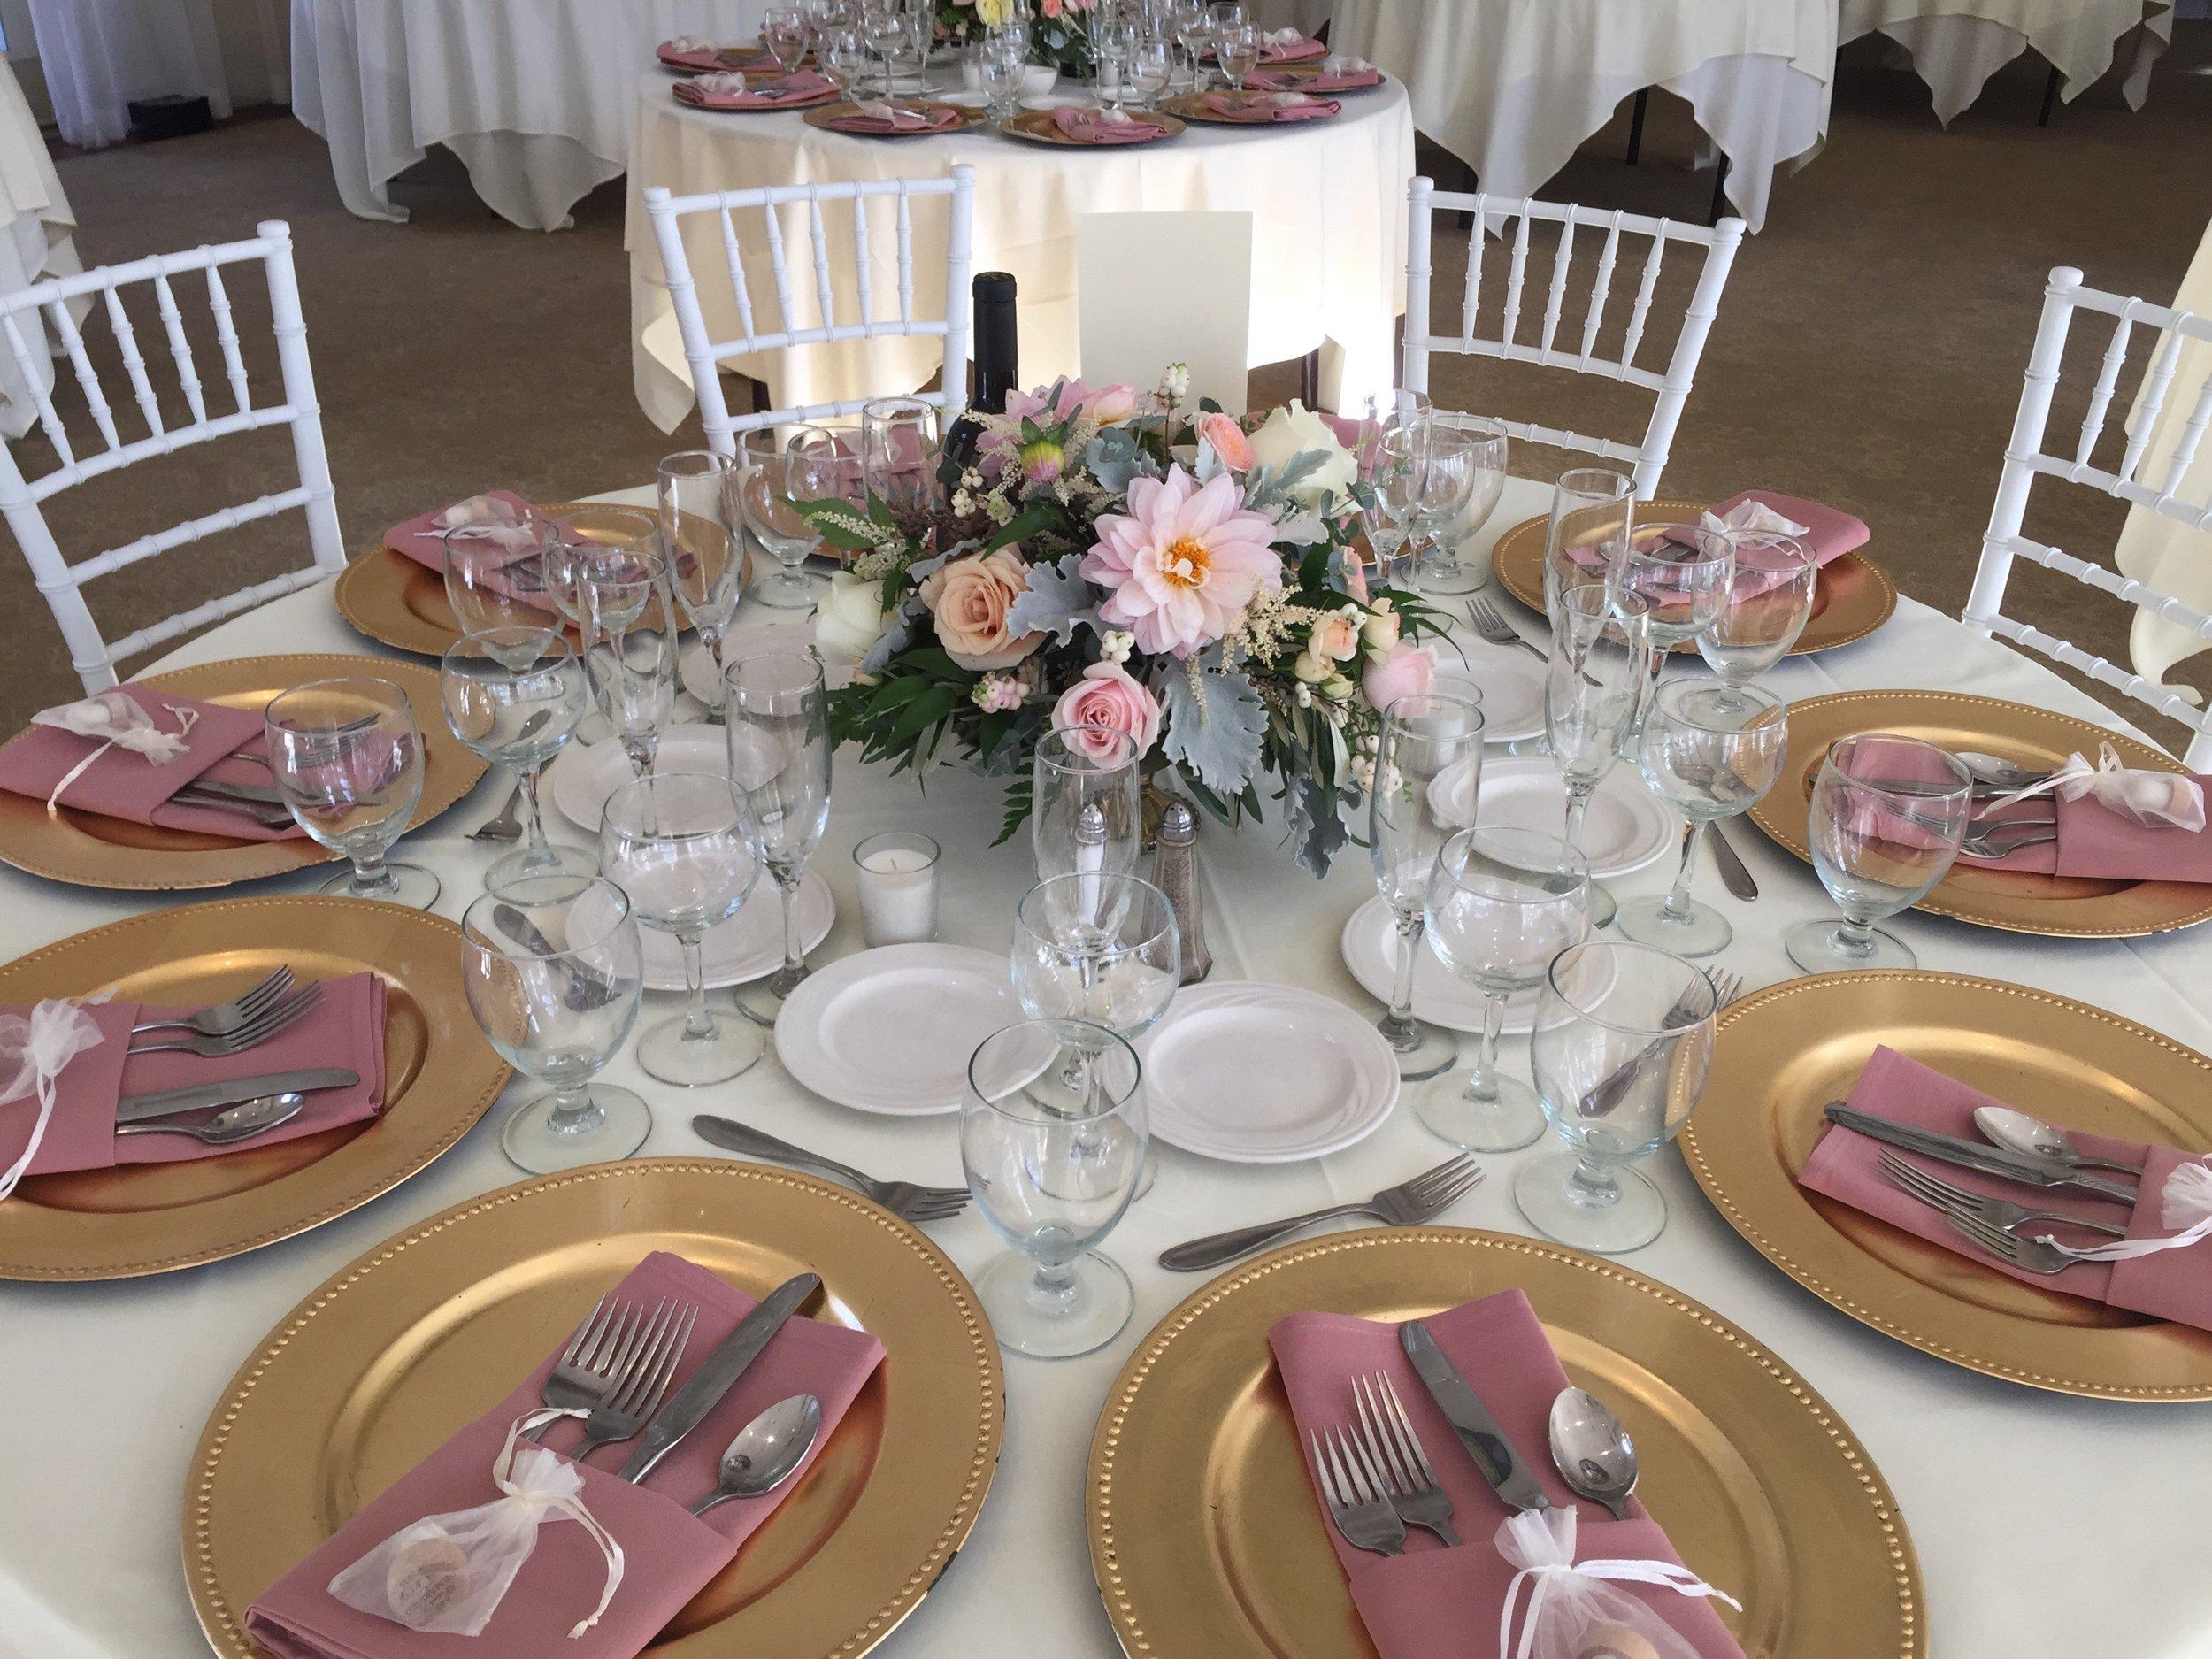 Guest_Table_Low_Centerpiece_Blush_Pink_Dahlia_Vizcaya_Sacramento_Violette_Fleurs.jpg